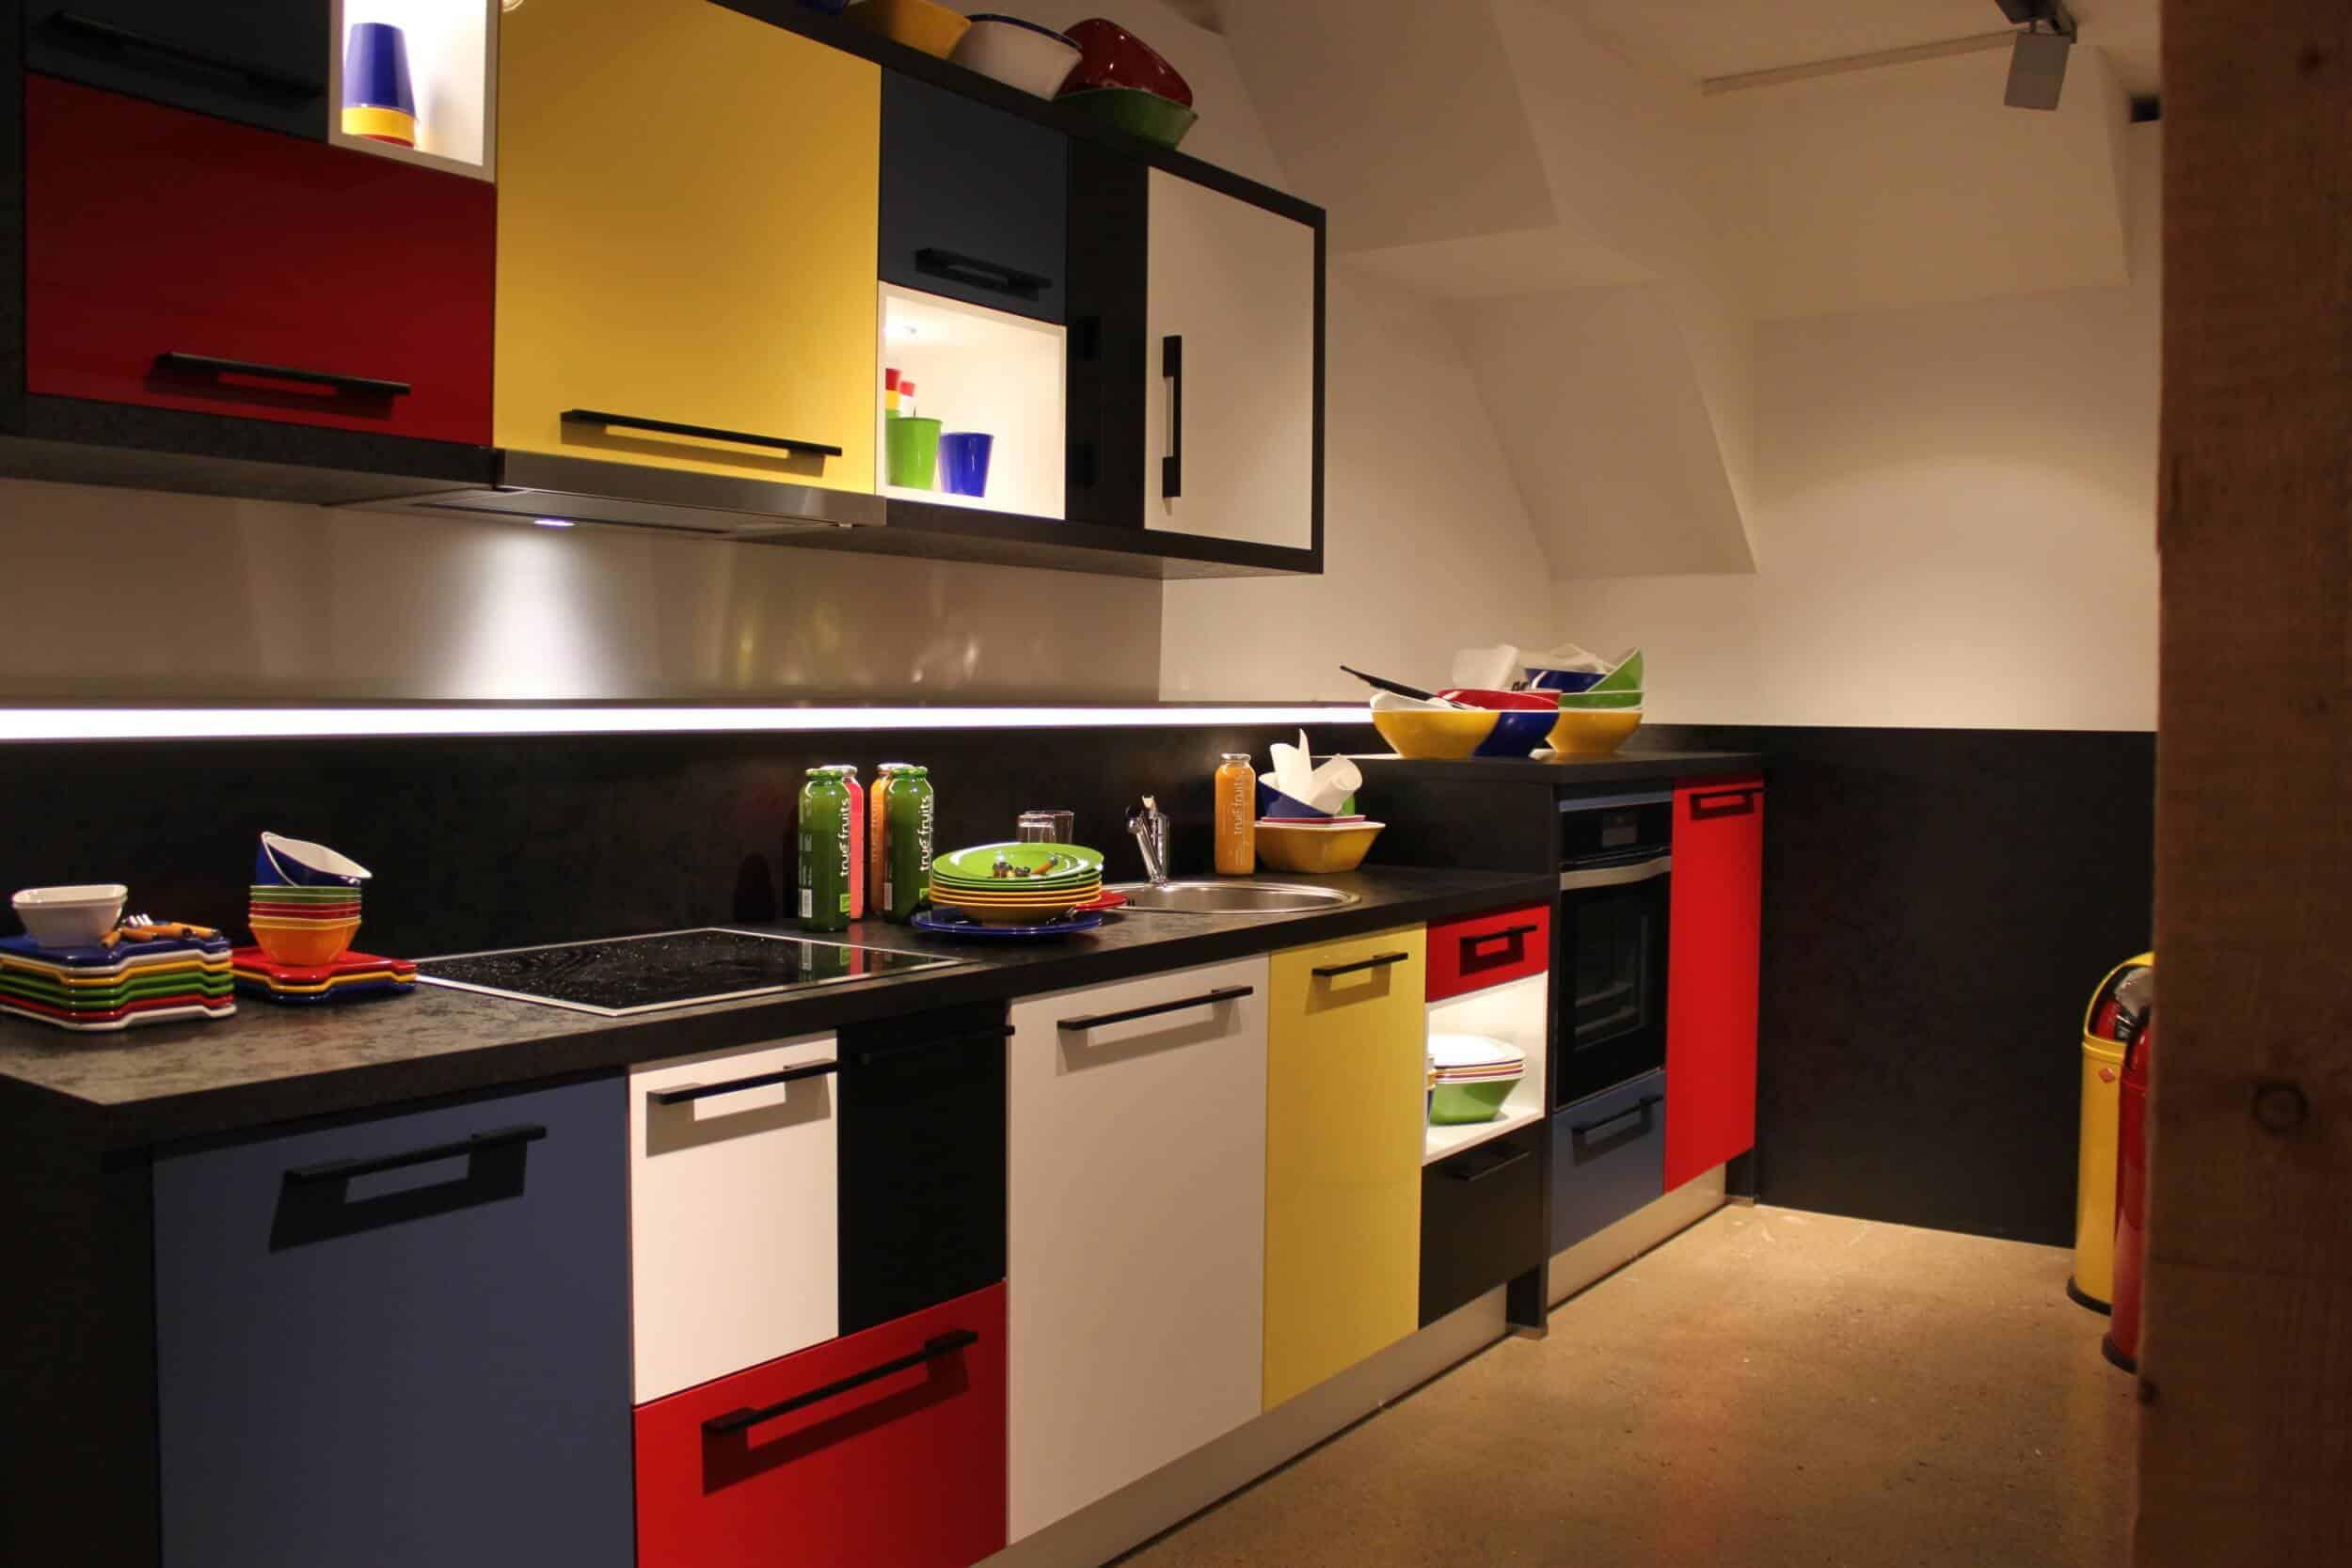 Fantastisch Bunte Küche Design Ideen Galerie - Ideen Für Die Küche ...